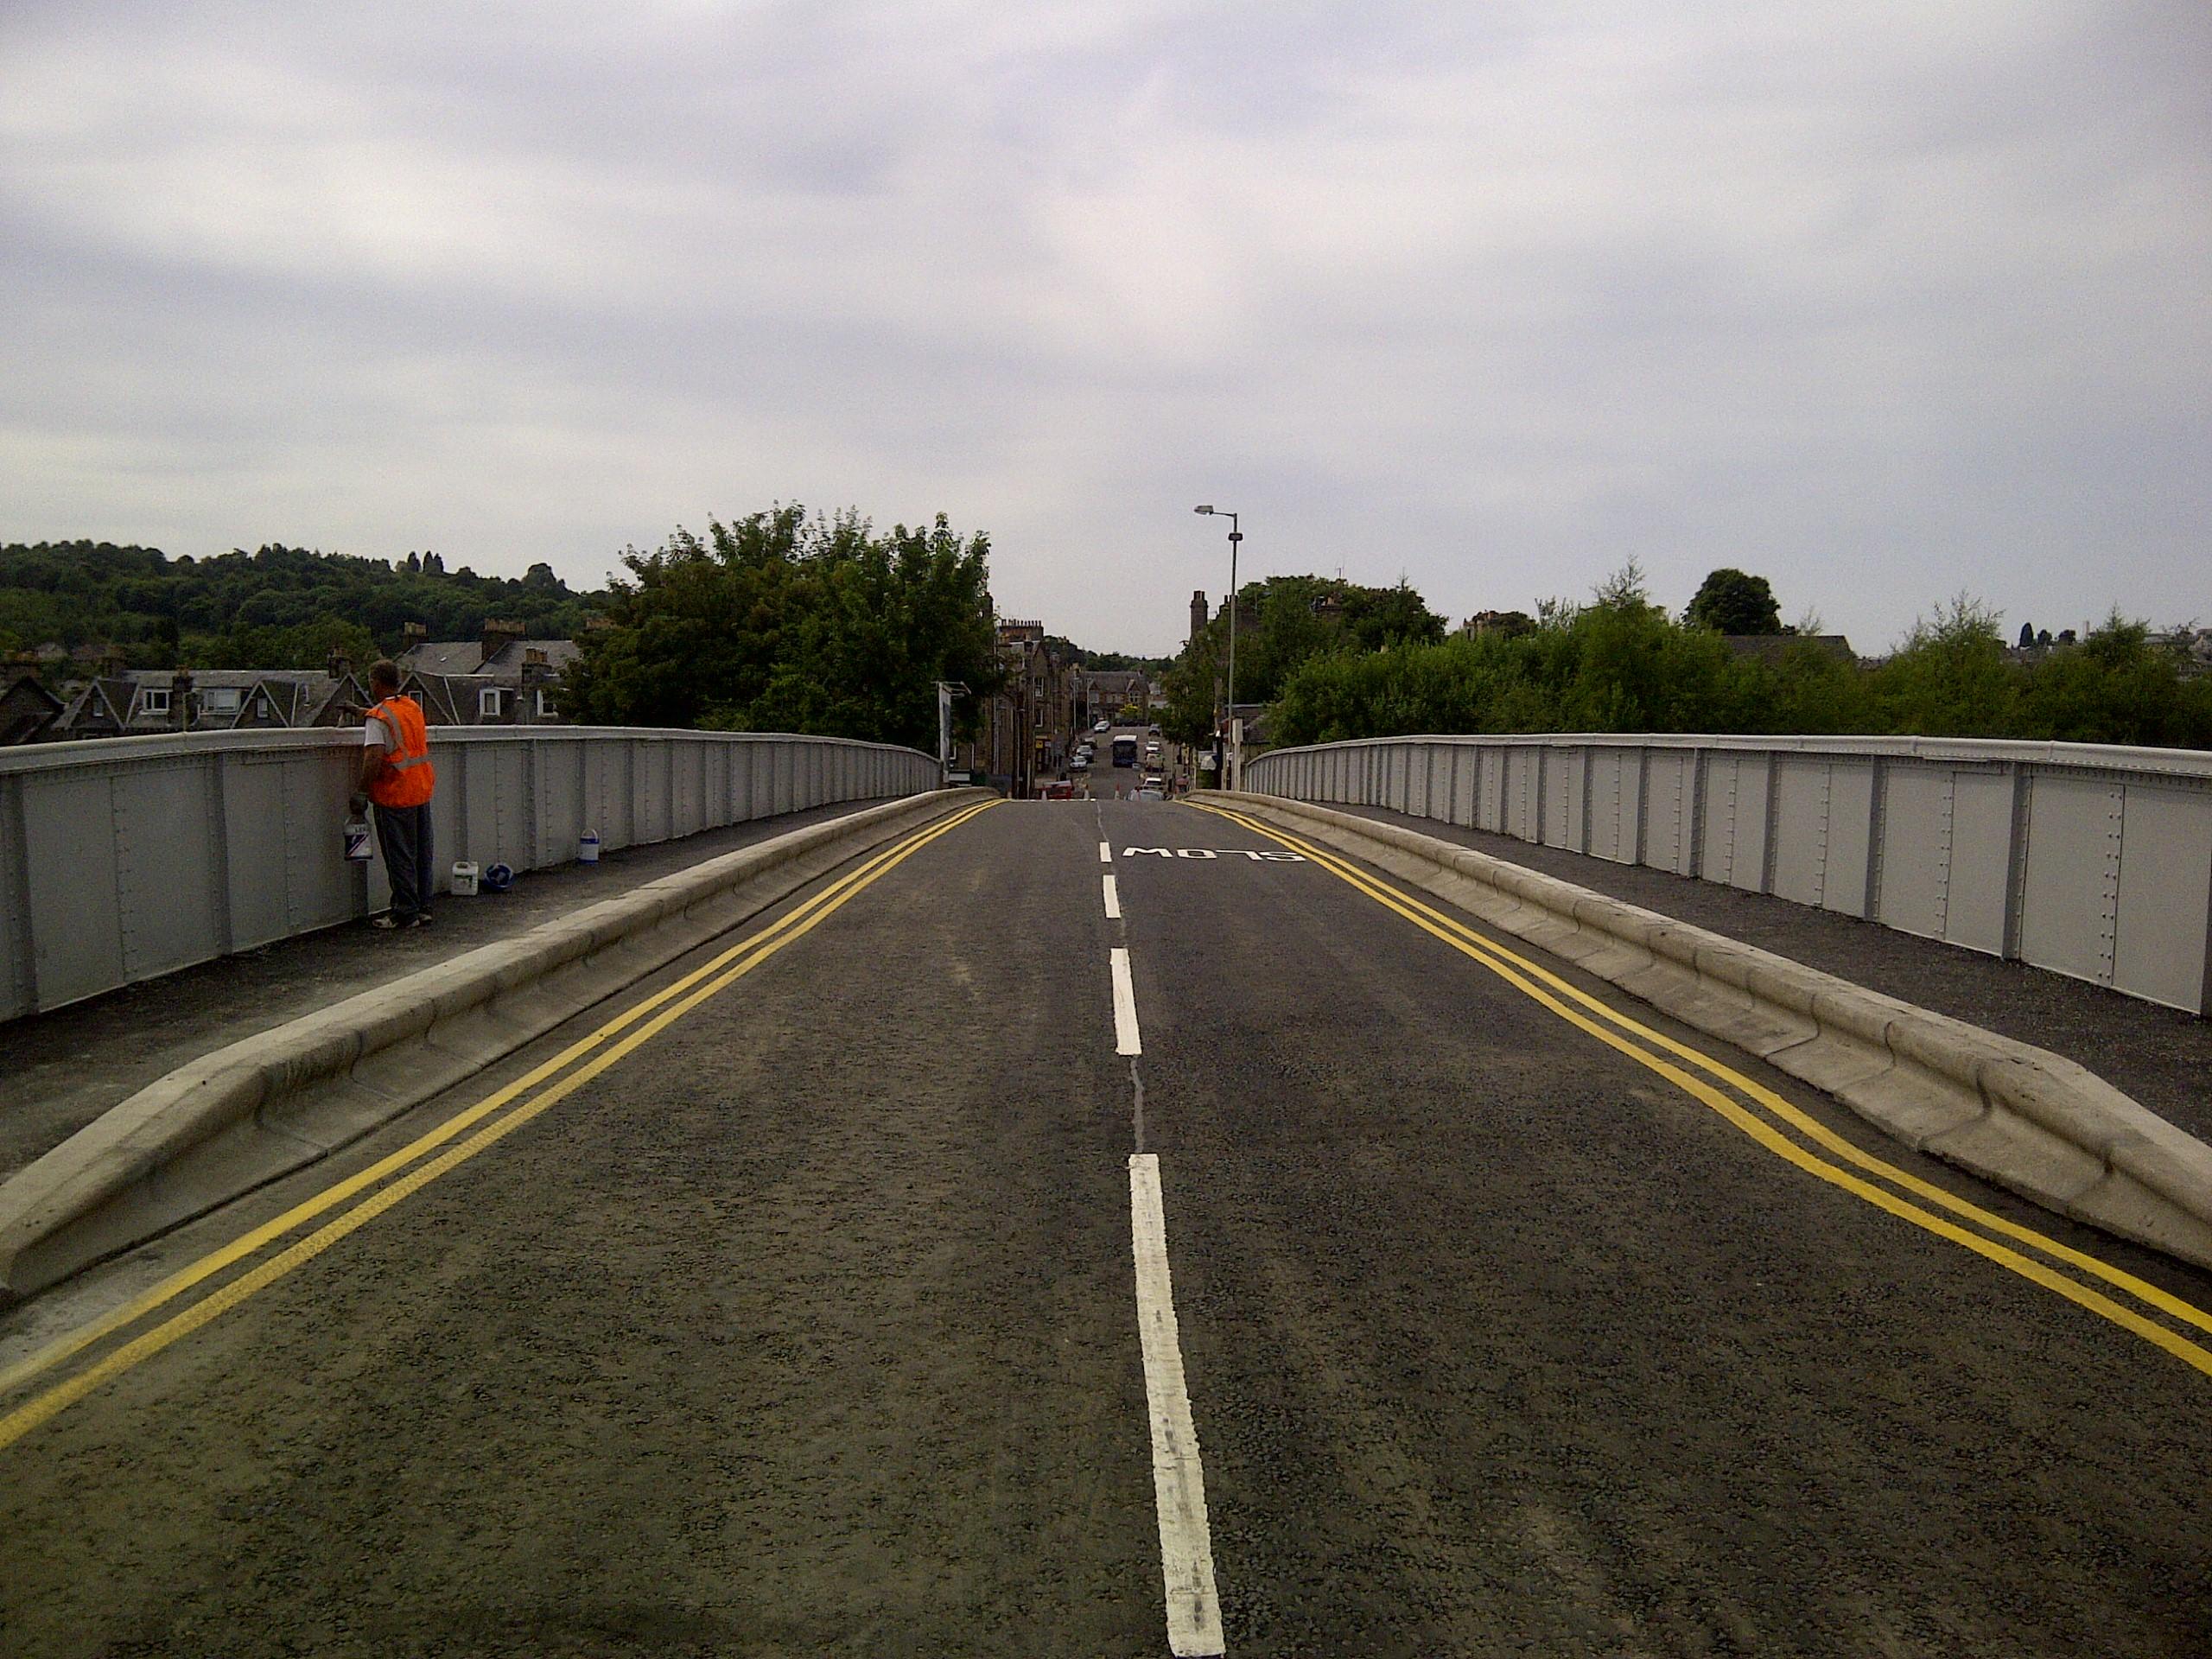 Perth footbridge